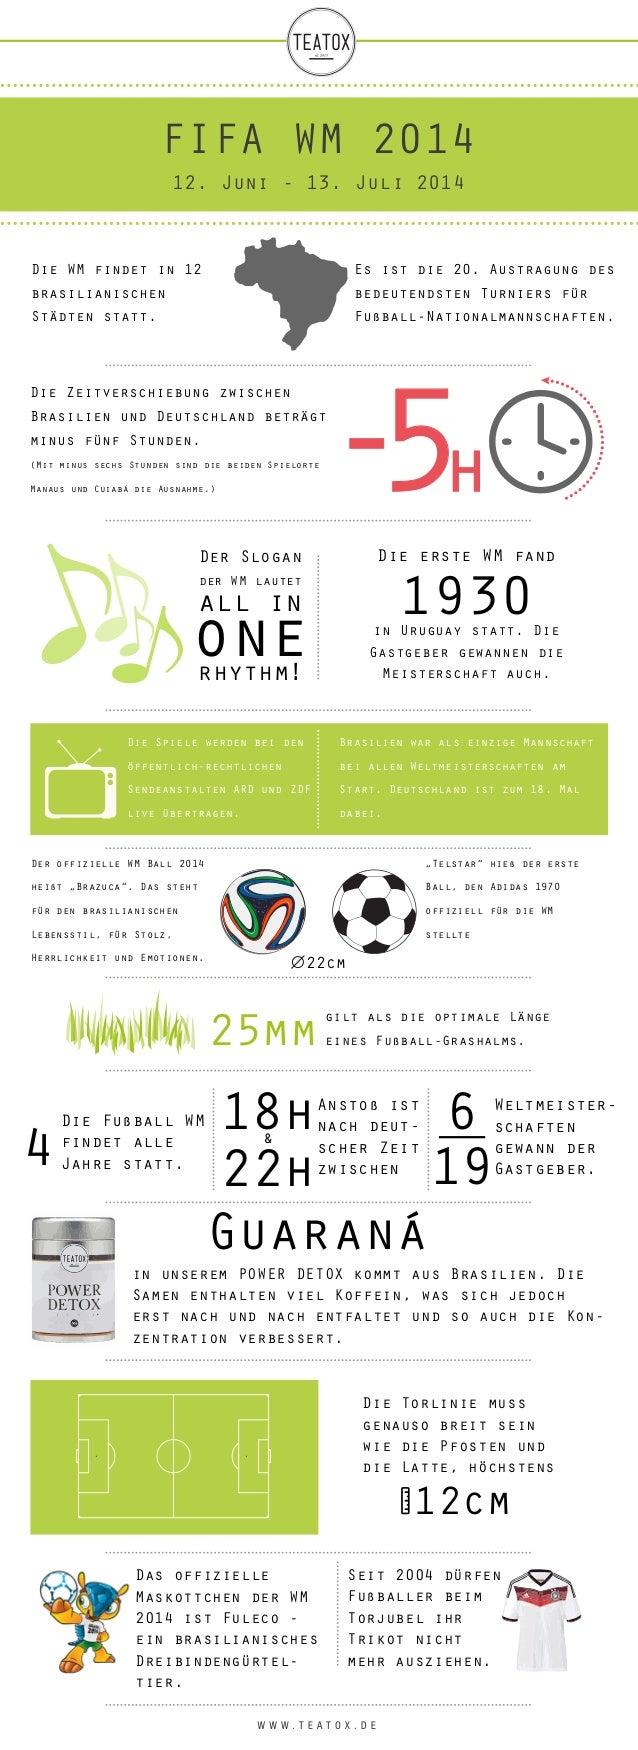 FIFA WM 2014 12. Juni - 13. Juli 2014 5h Die Zeitverschiebung zwischen Brasilien und Deutschland beträgt minus fünf Stunde...